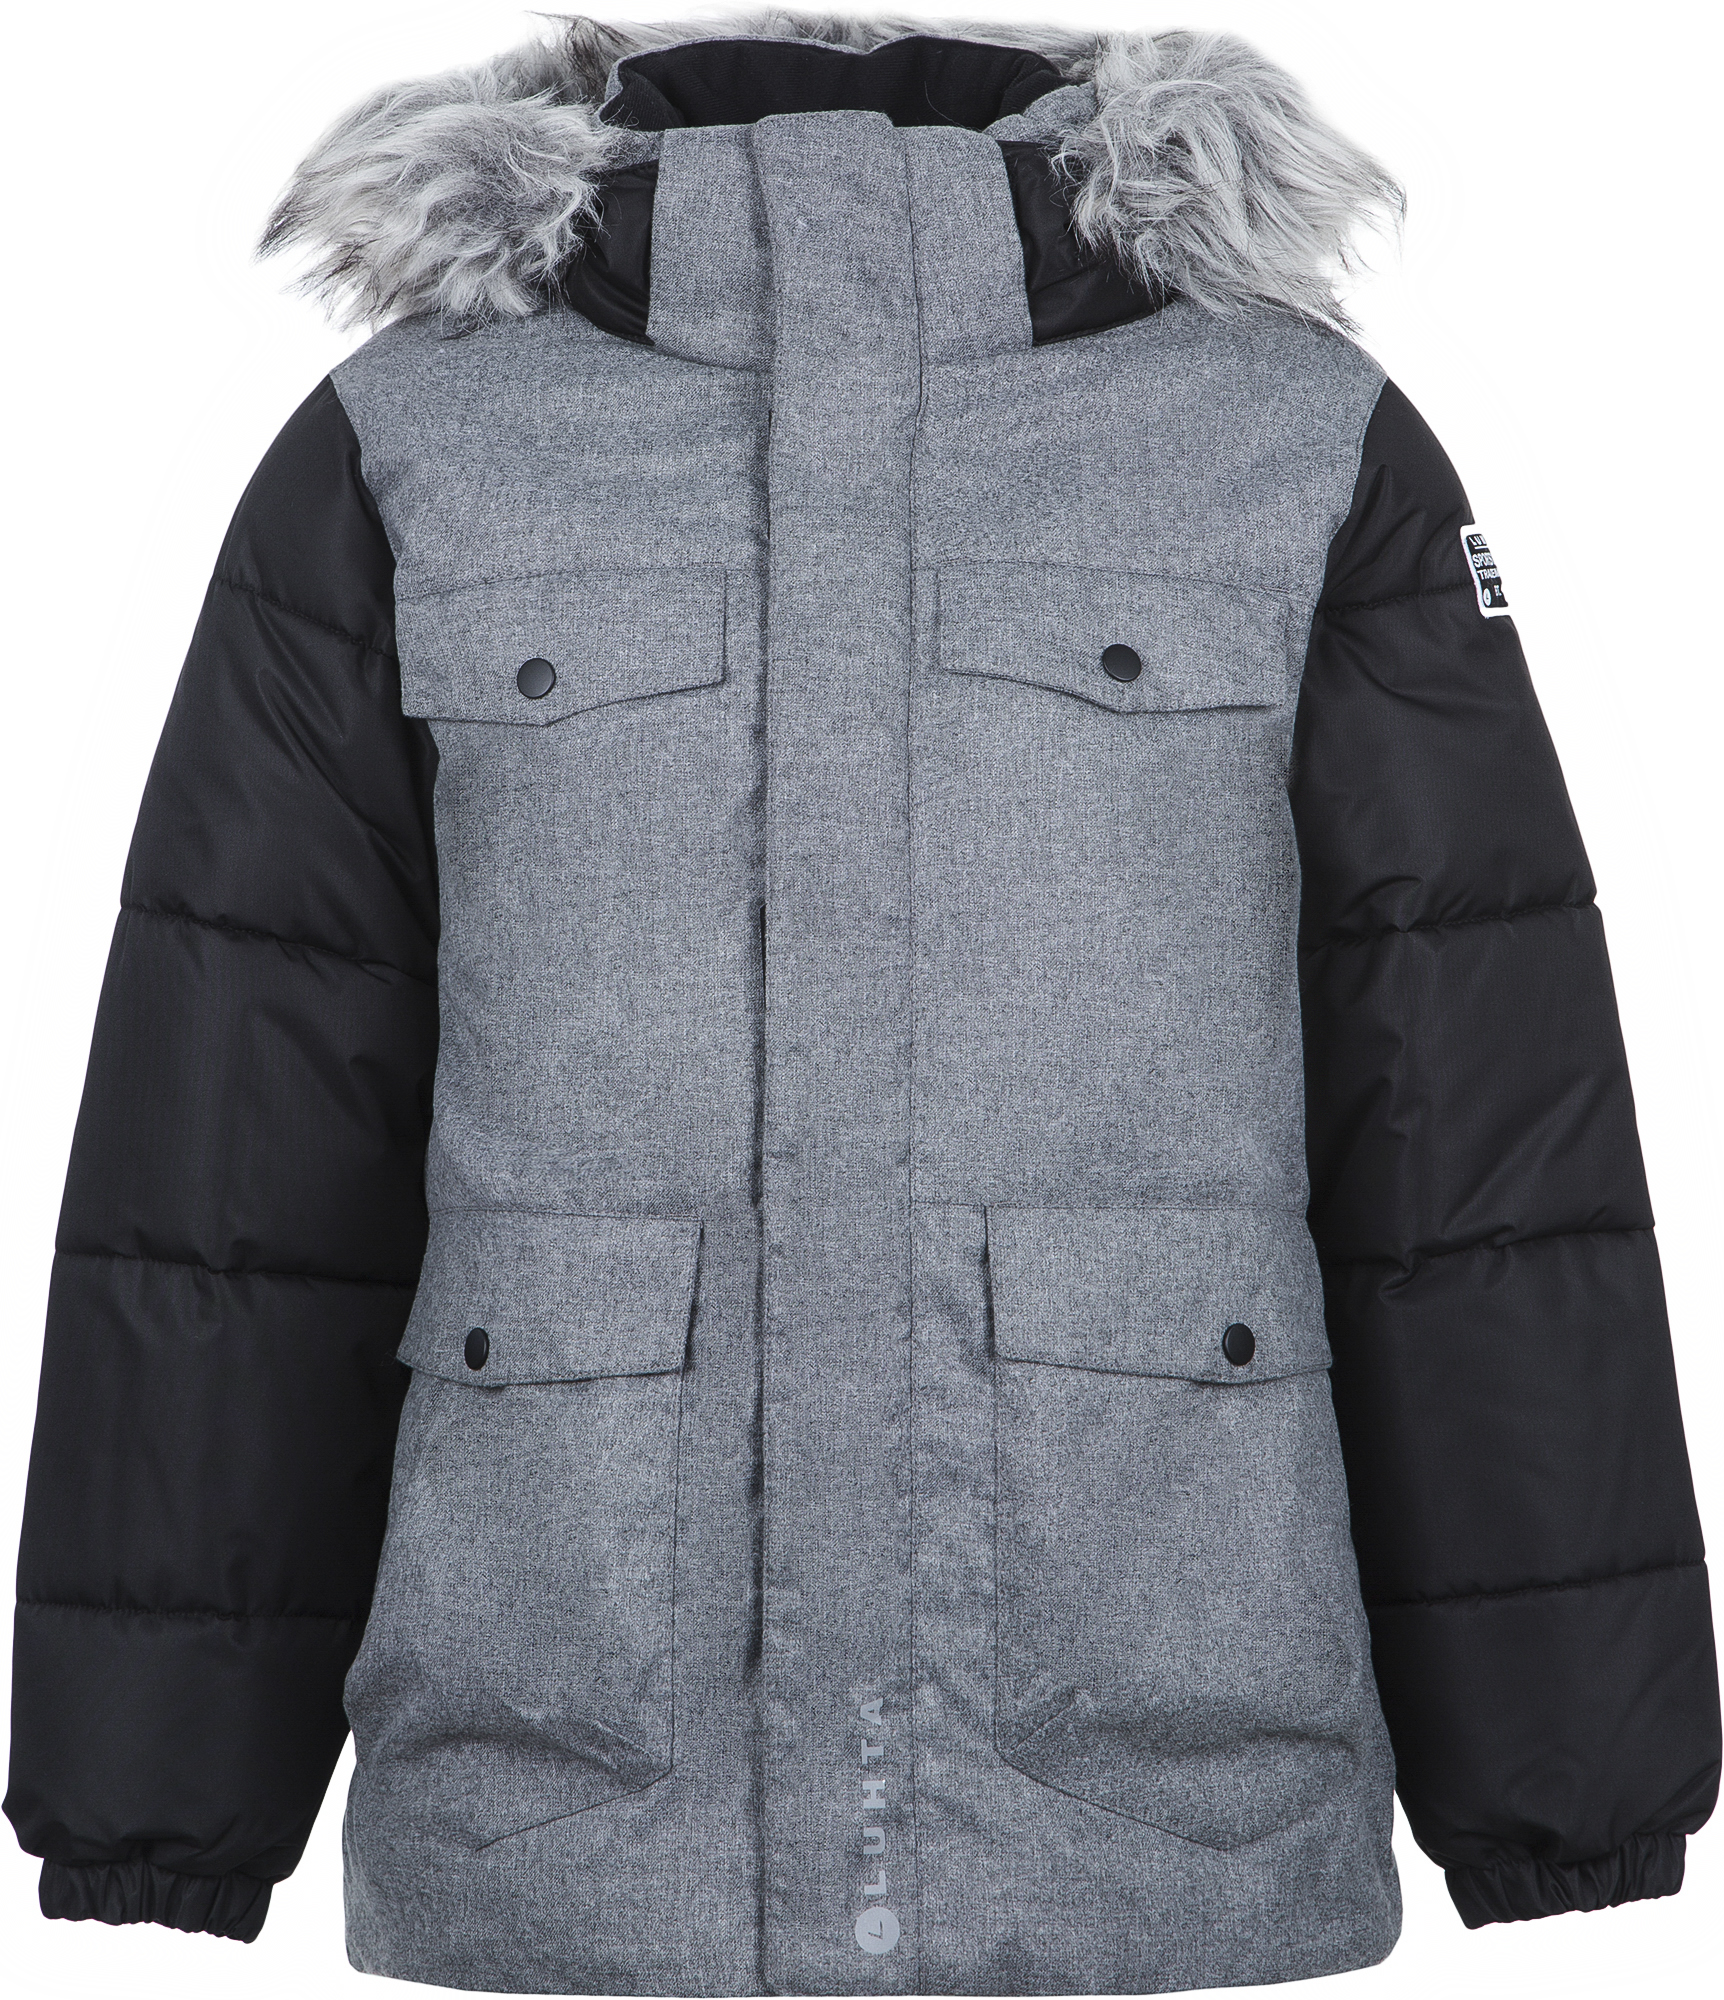 Luhta Куртка утепленная для мальчиков Lahis JR, размер 164